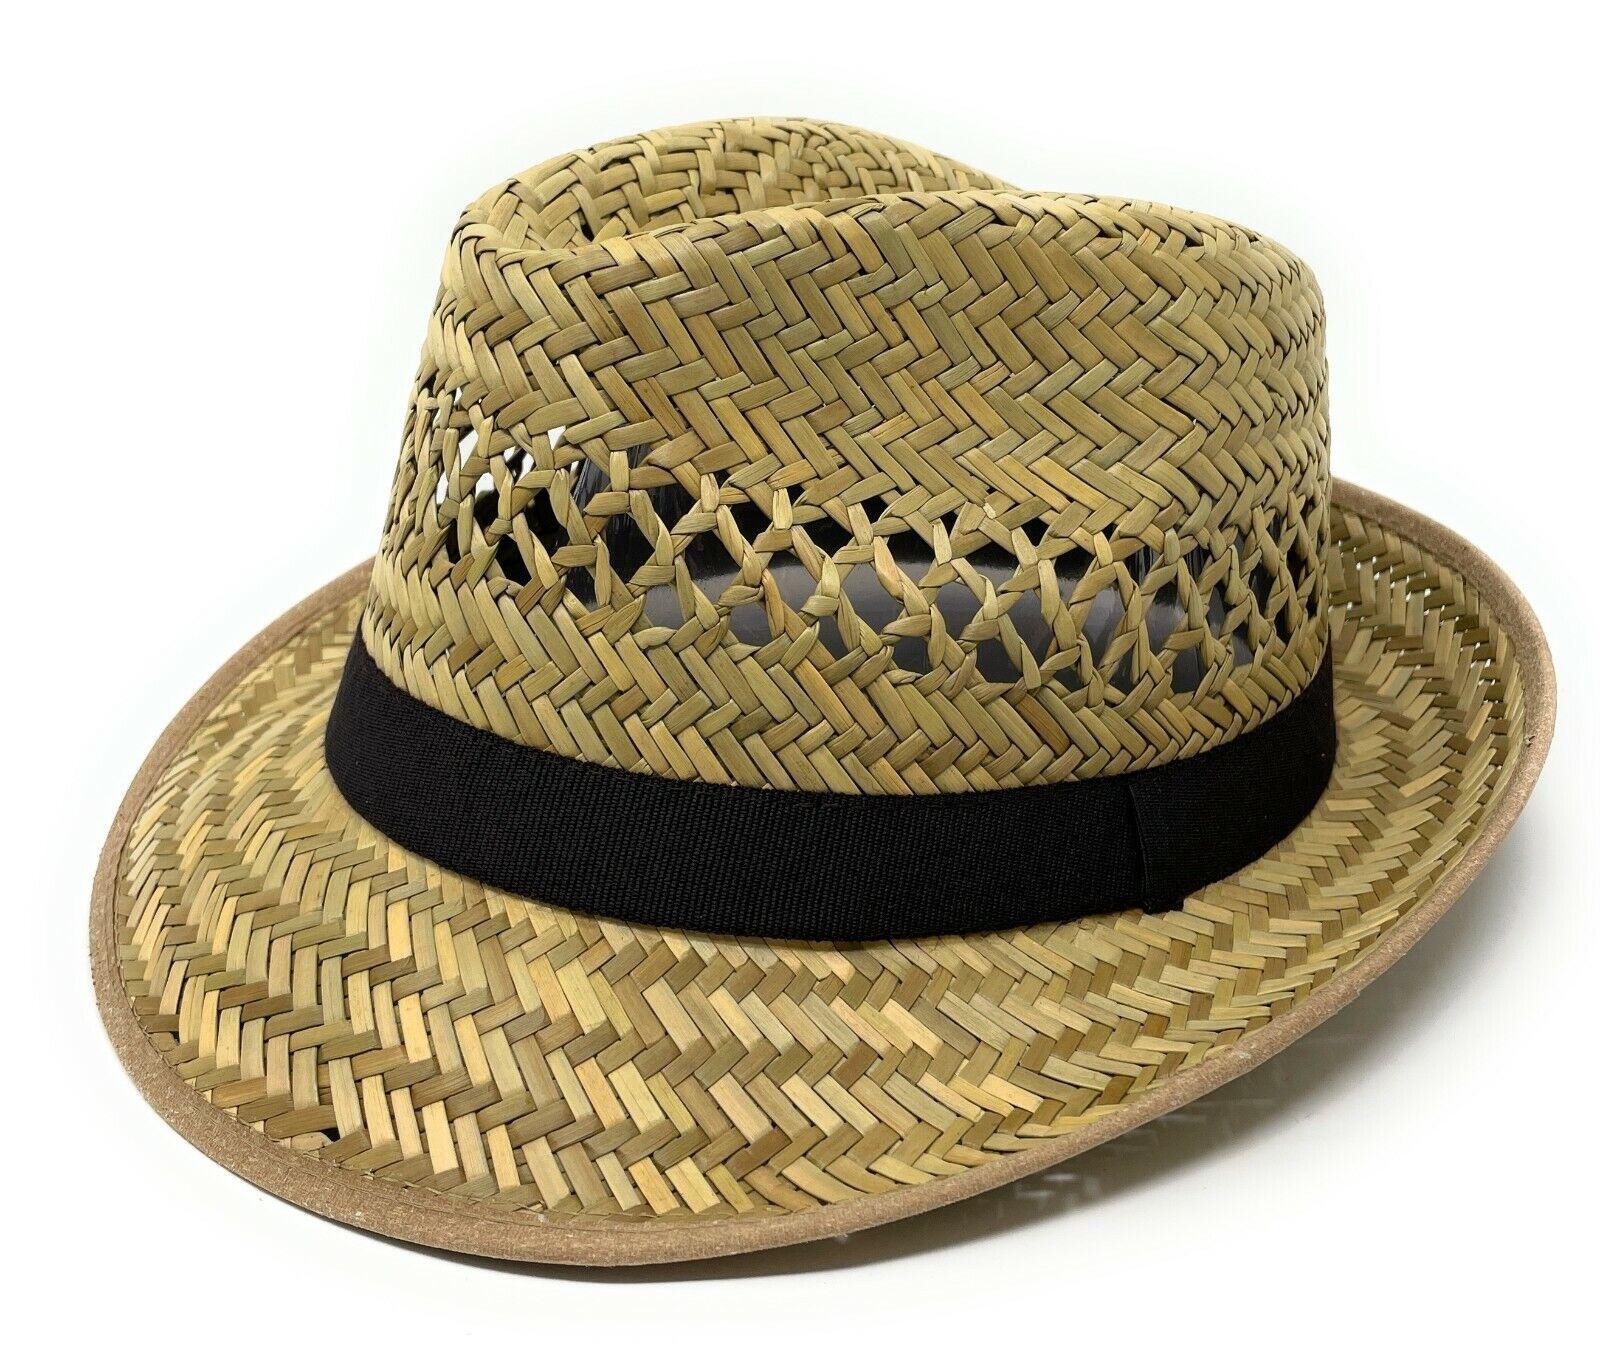 Straw Hat Summer Hat Trilby Hat Sun Hat erntehut Summer gartenhut Panama Hat